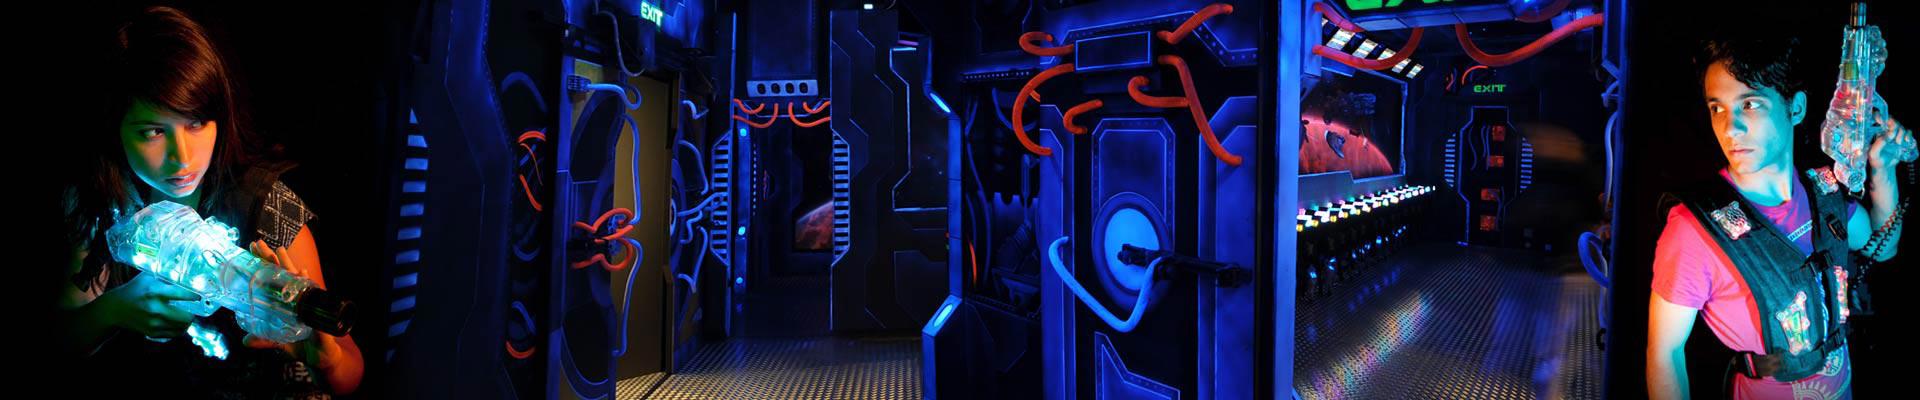 laser-tag-laser-game